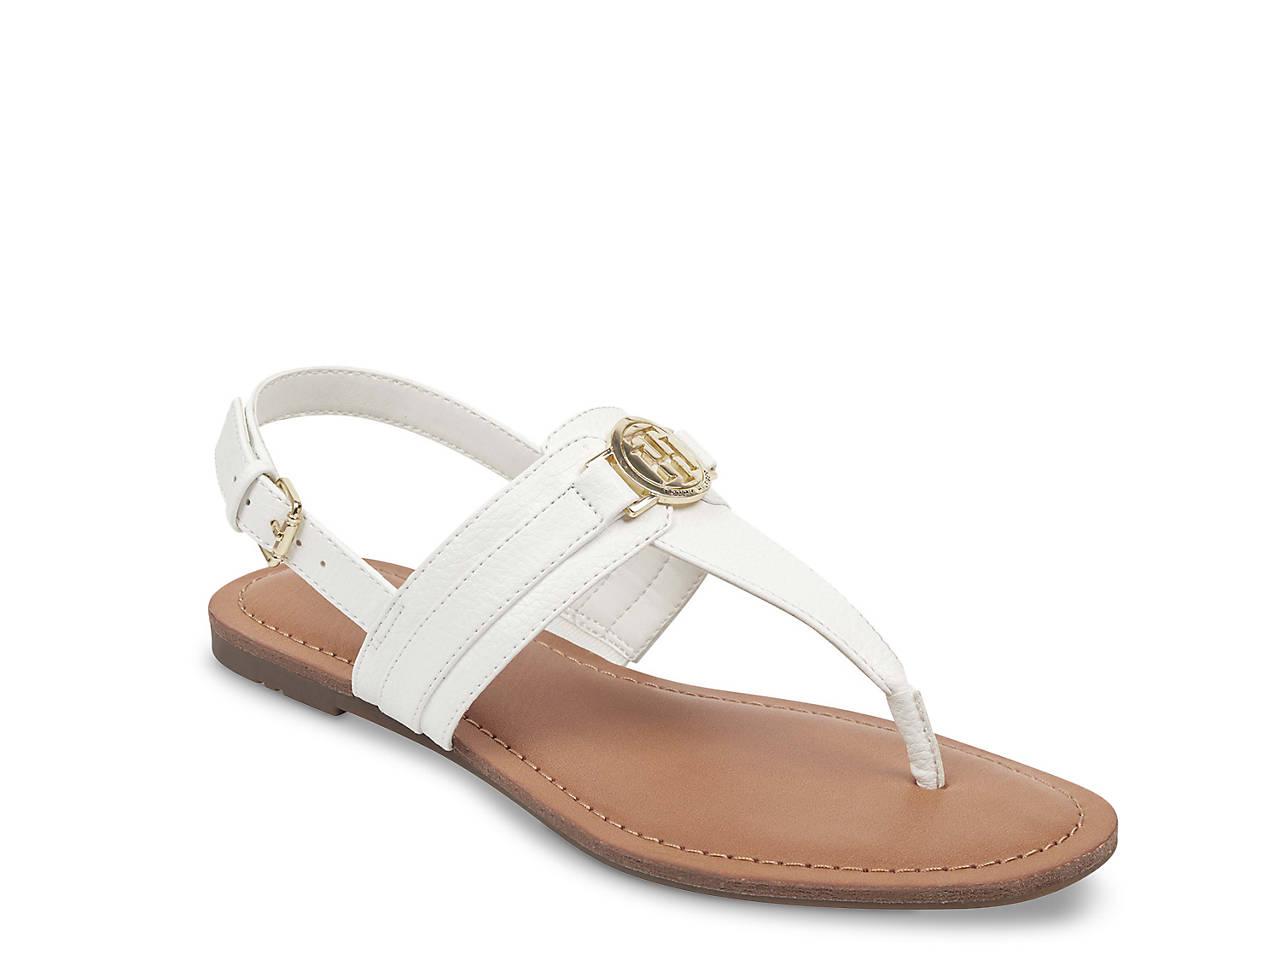 ffa1c3e27031 Tommy Hilfiger Lancia Sandal Women s Shoes